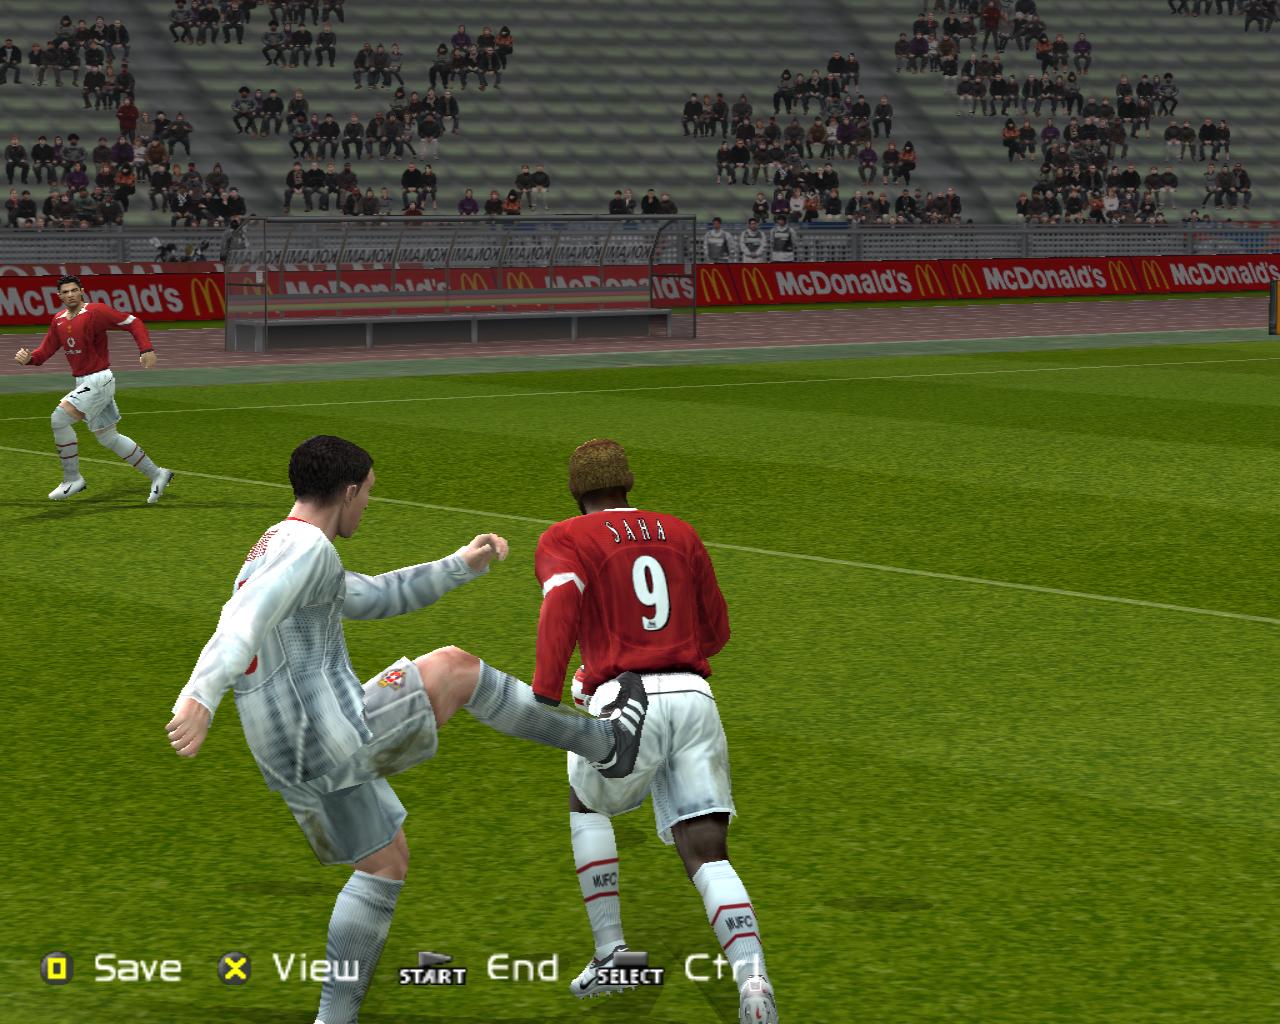 Для ускорения - Pro Evolution Soccer 5 Юмор